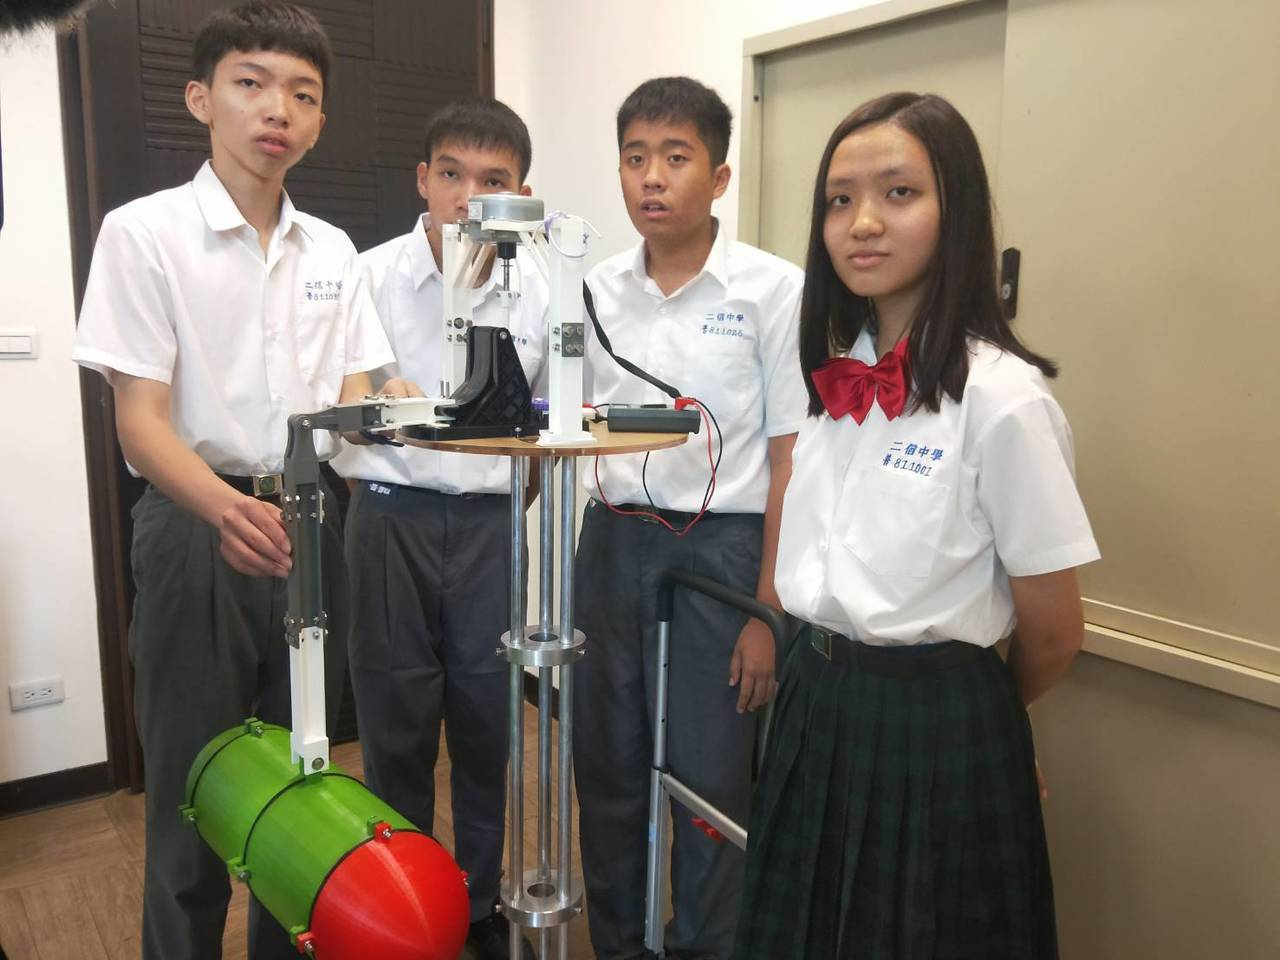 幫媽媽拖地好神拖創意 4學生波浪發電機勇奪全國賽第一